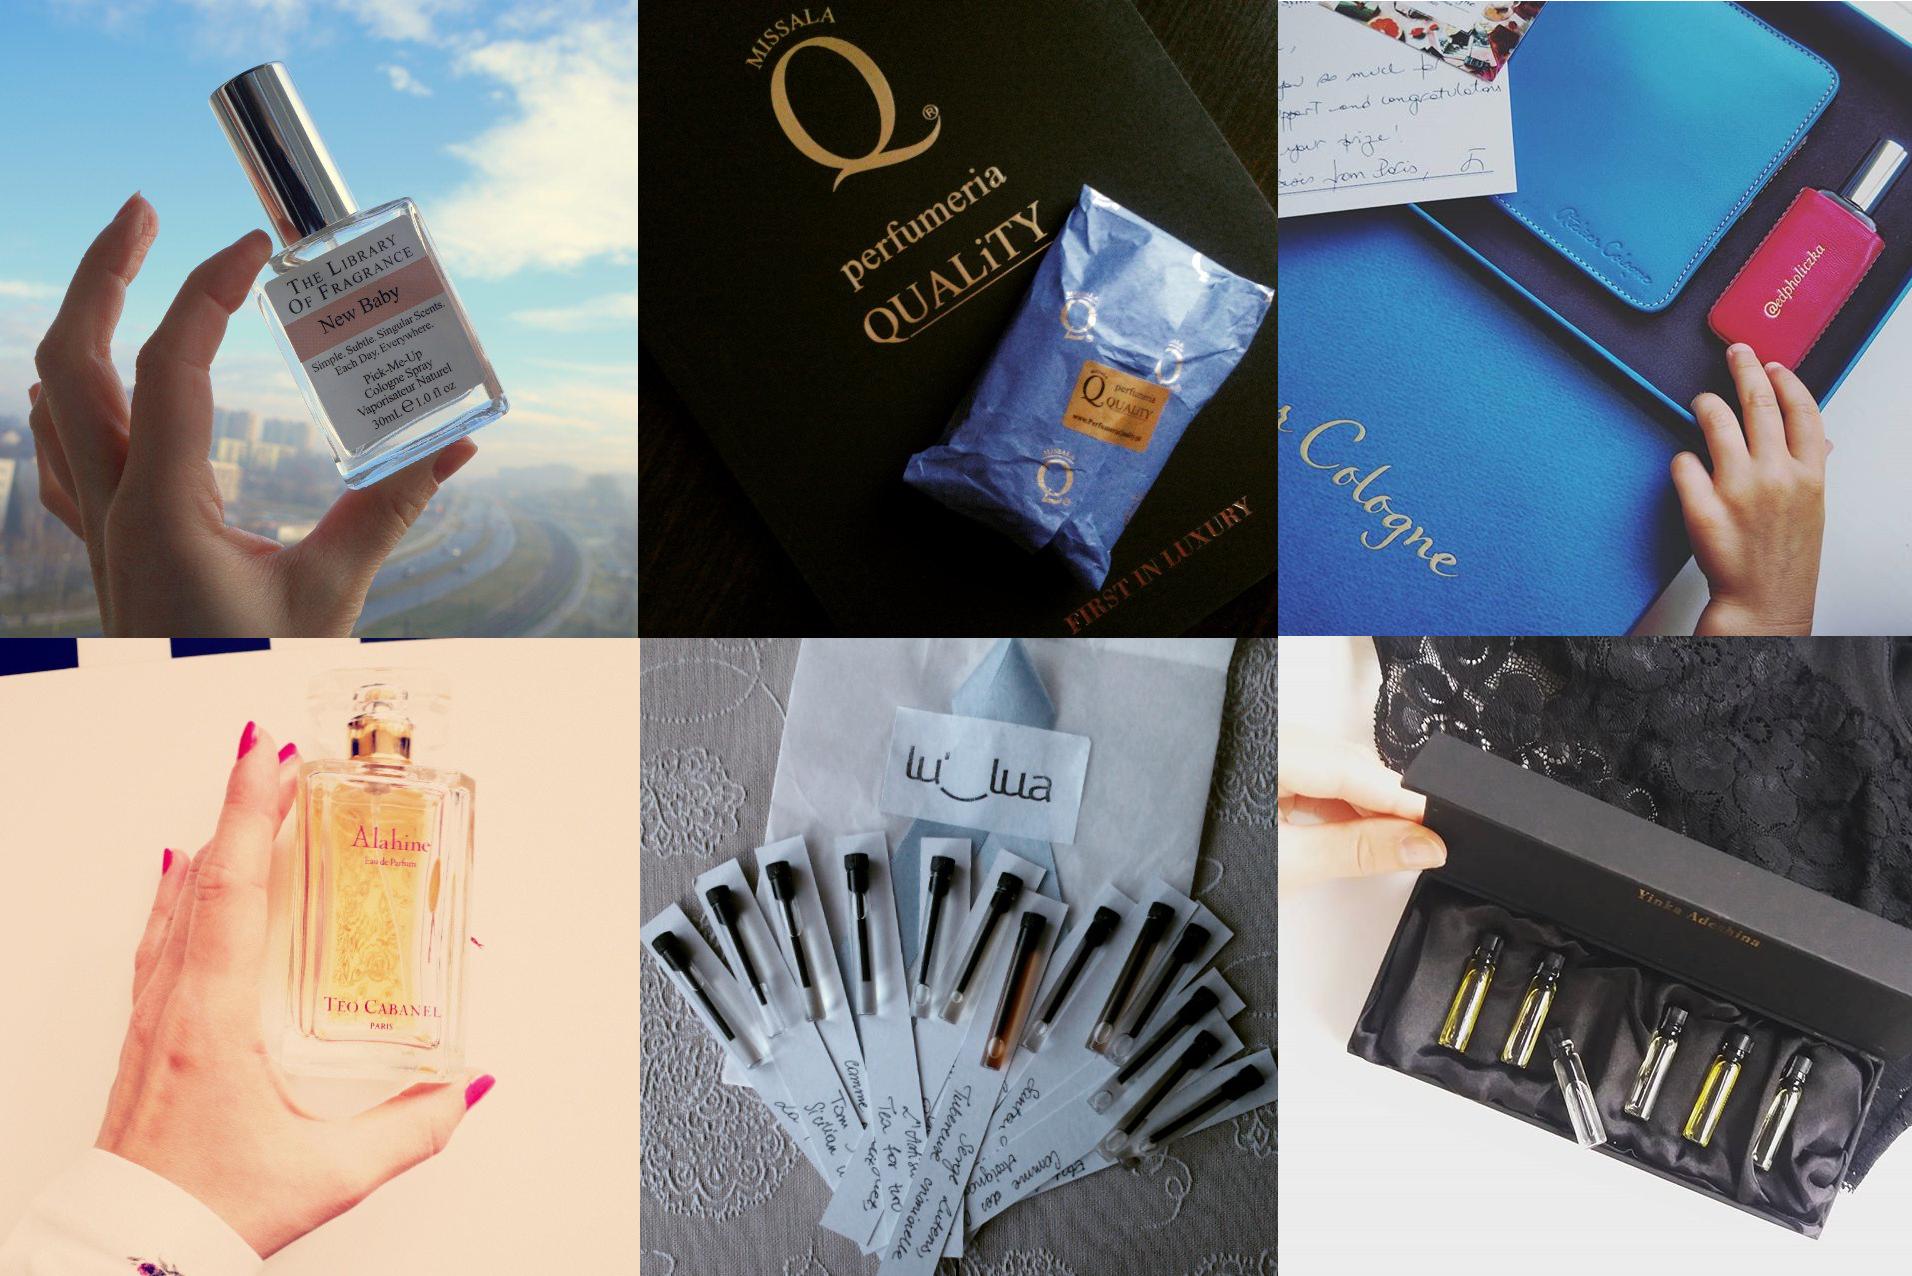 jak testować perfumy niszowe